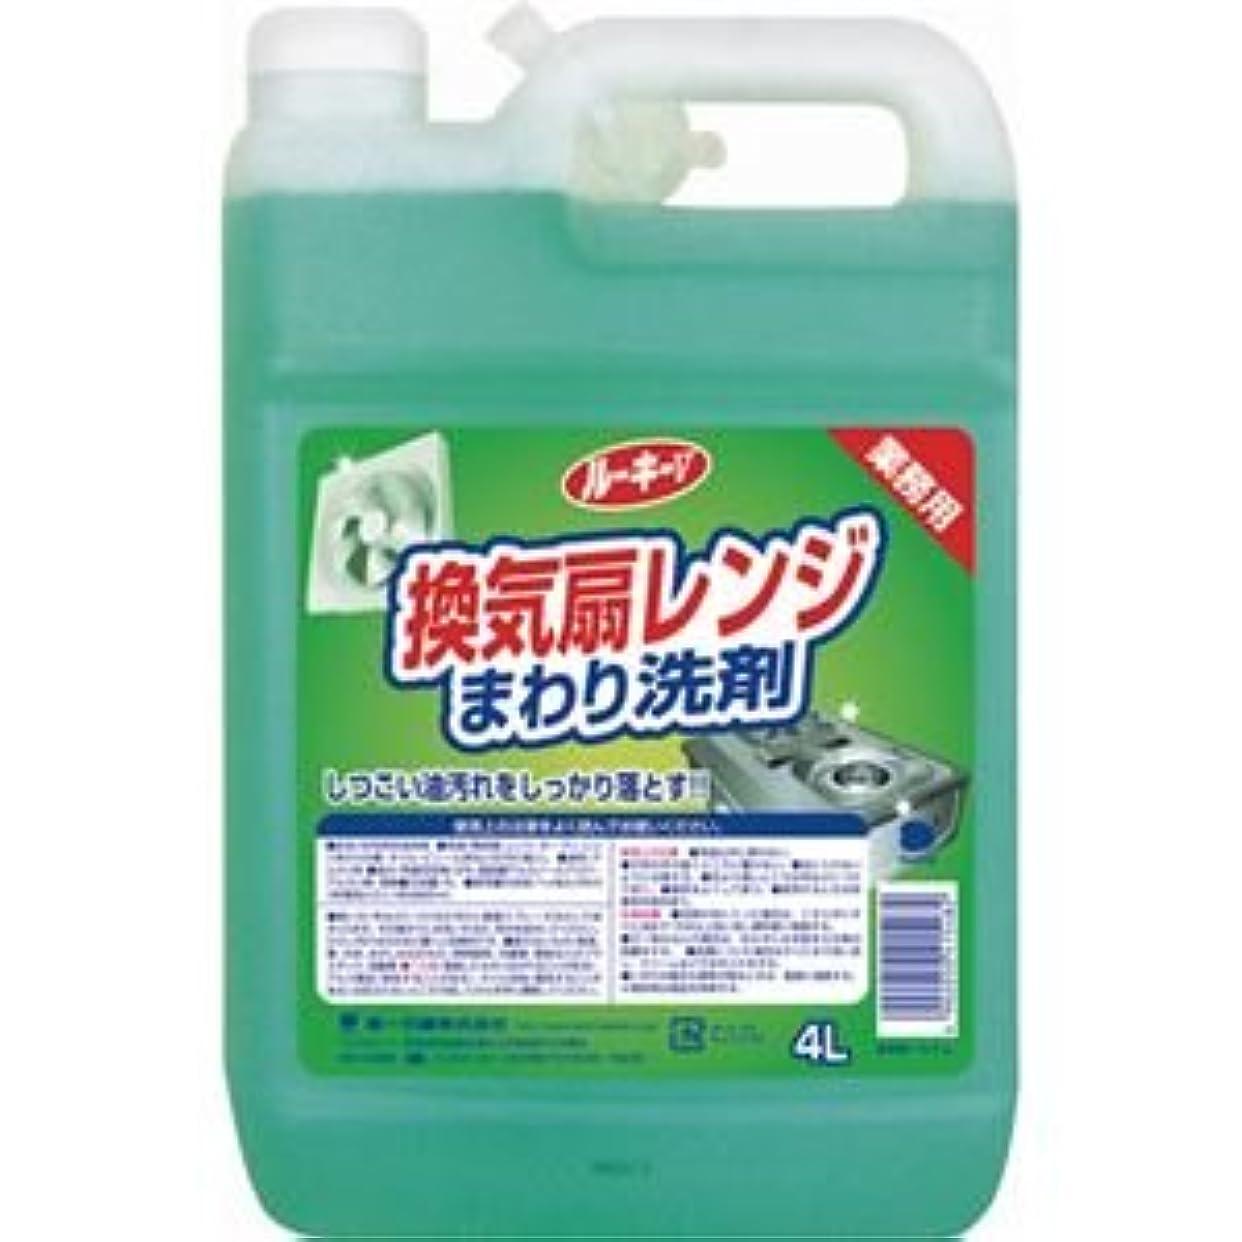 インスタント家気分(まとめ) 第一石鹸 ルーキー 換気扇レンジクリーナー 業務用 4L 1本 【×5セット】